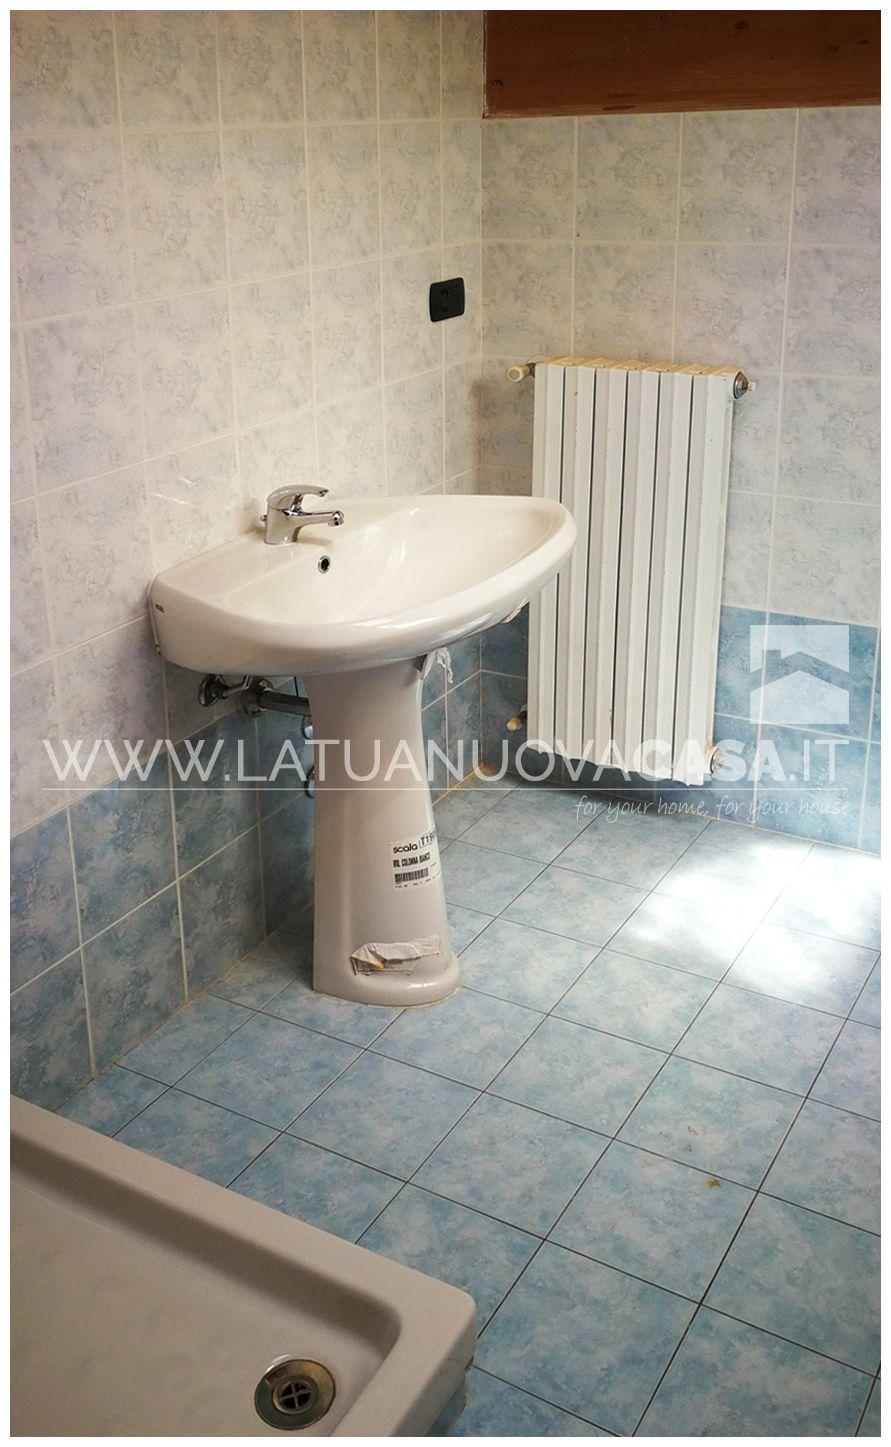 Bagno Completo Con Doccia.Appartamento A10 Vista Del Secondo Bagno Completo E Finestrato Con